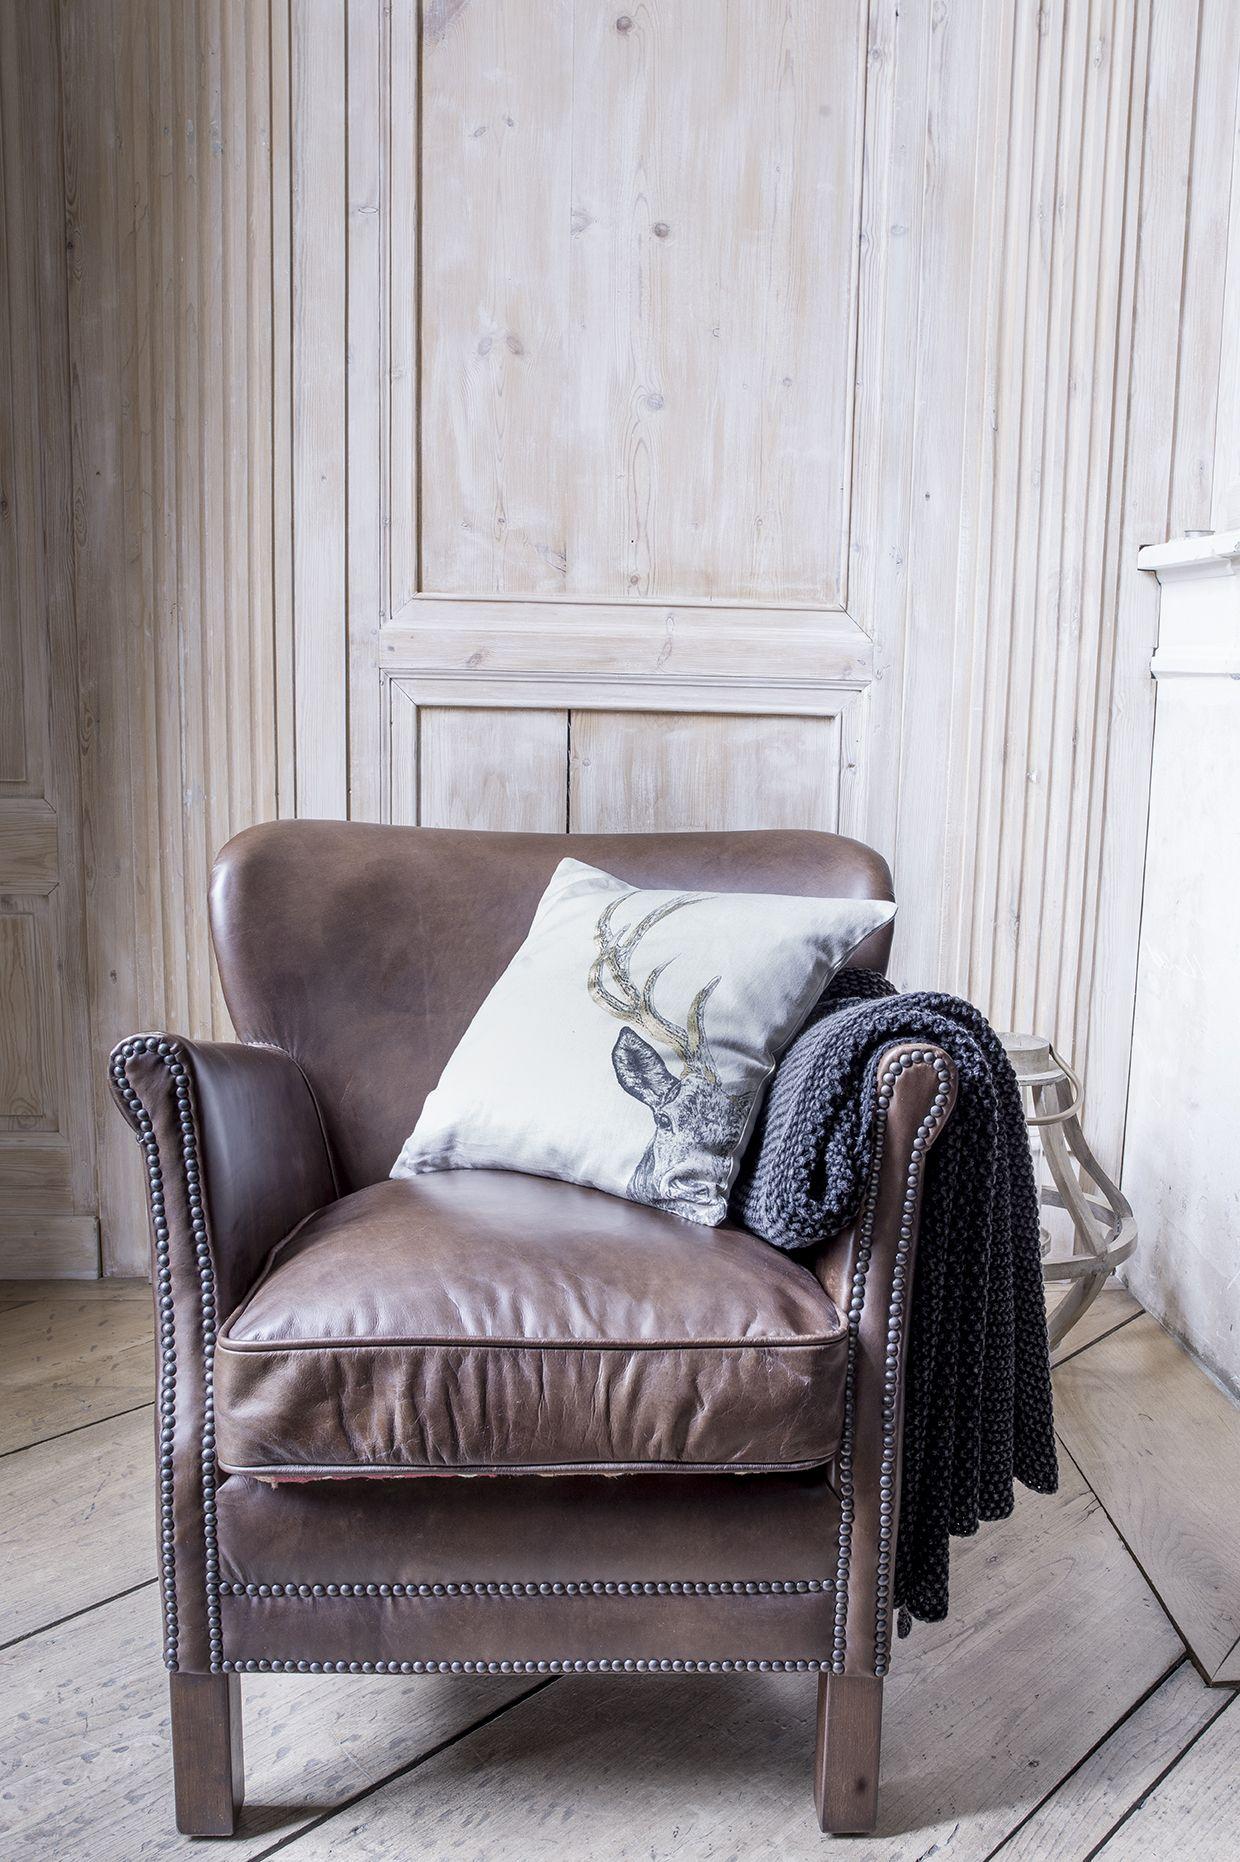 Profitez d'un agréable moment de détente dans votre salon ...